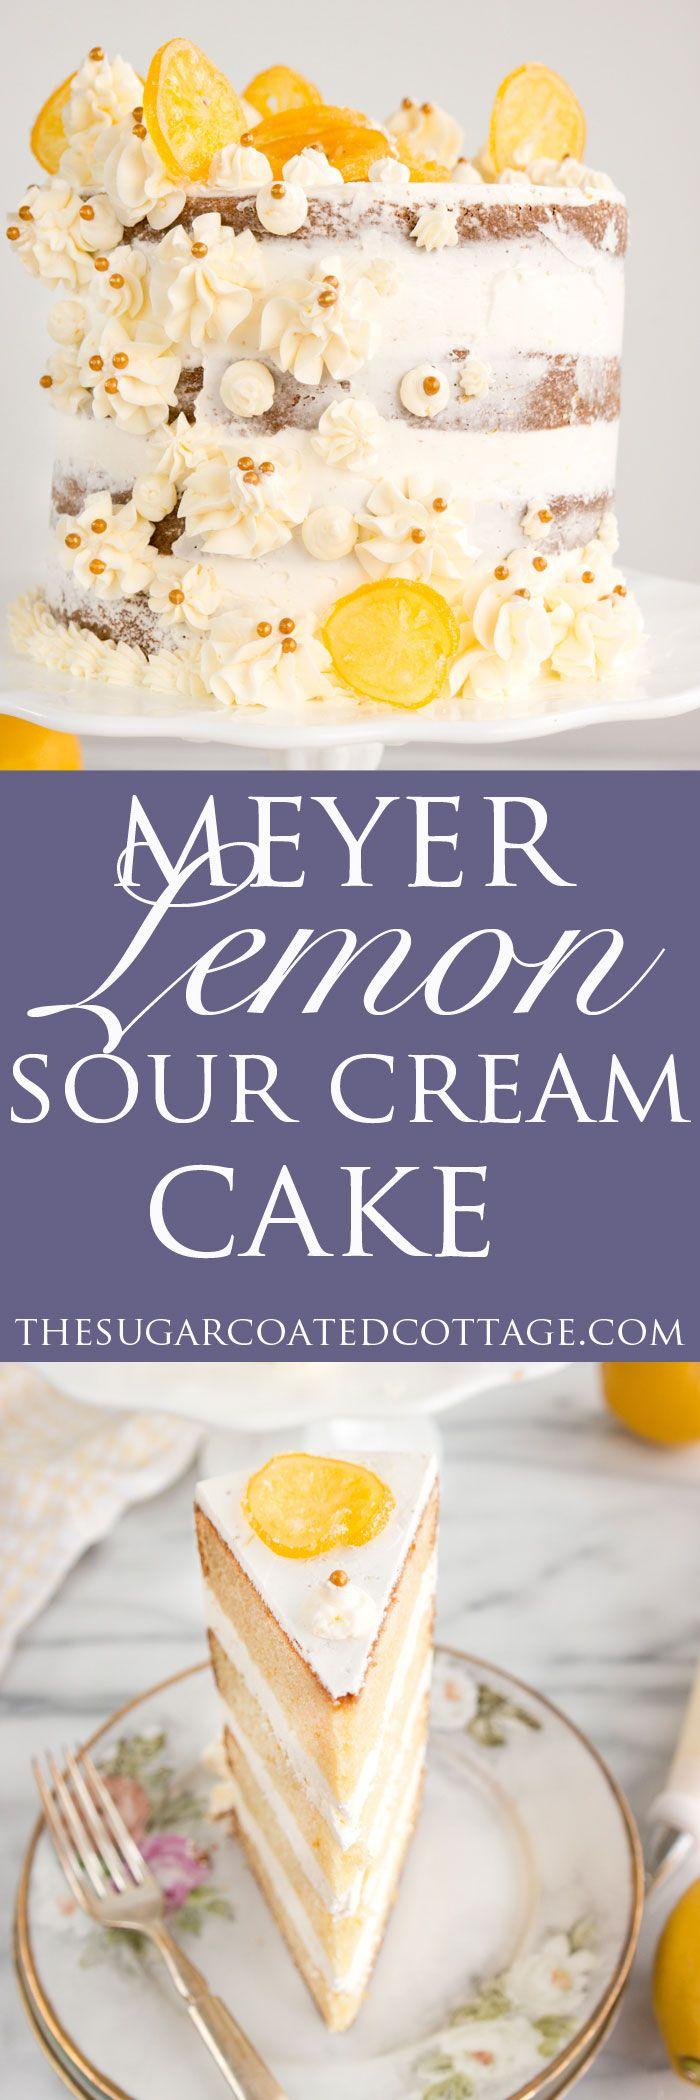 Meyer Lemon Sour Cream Cake